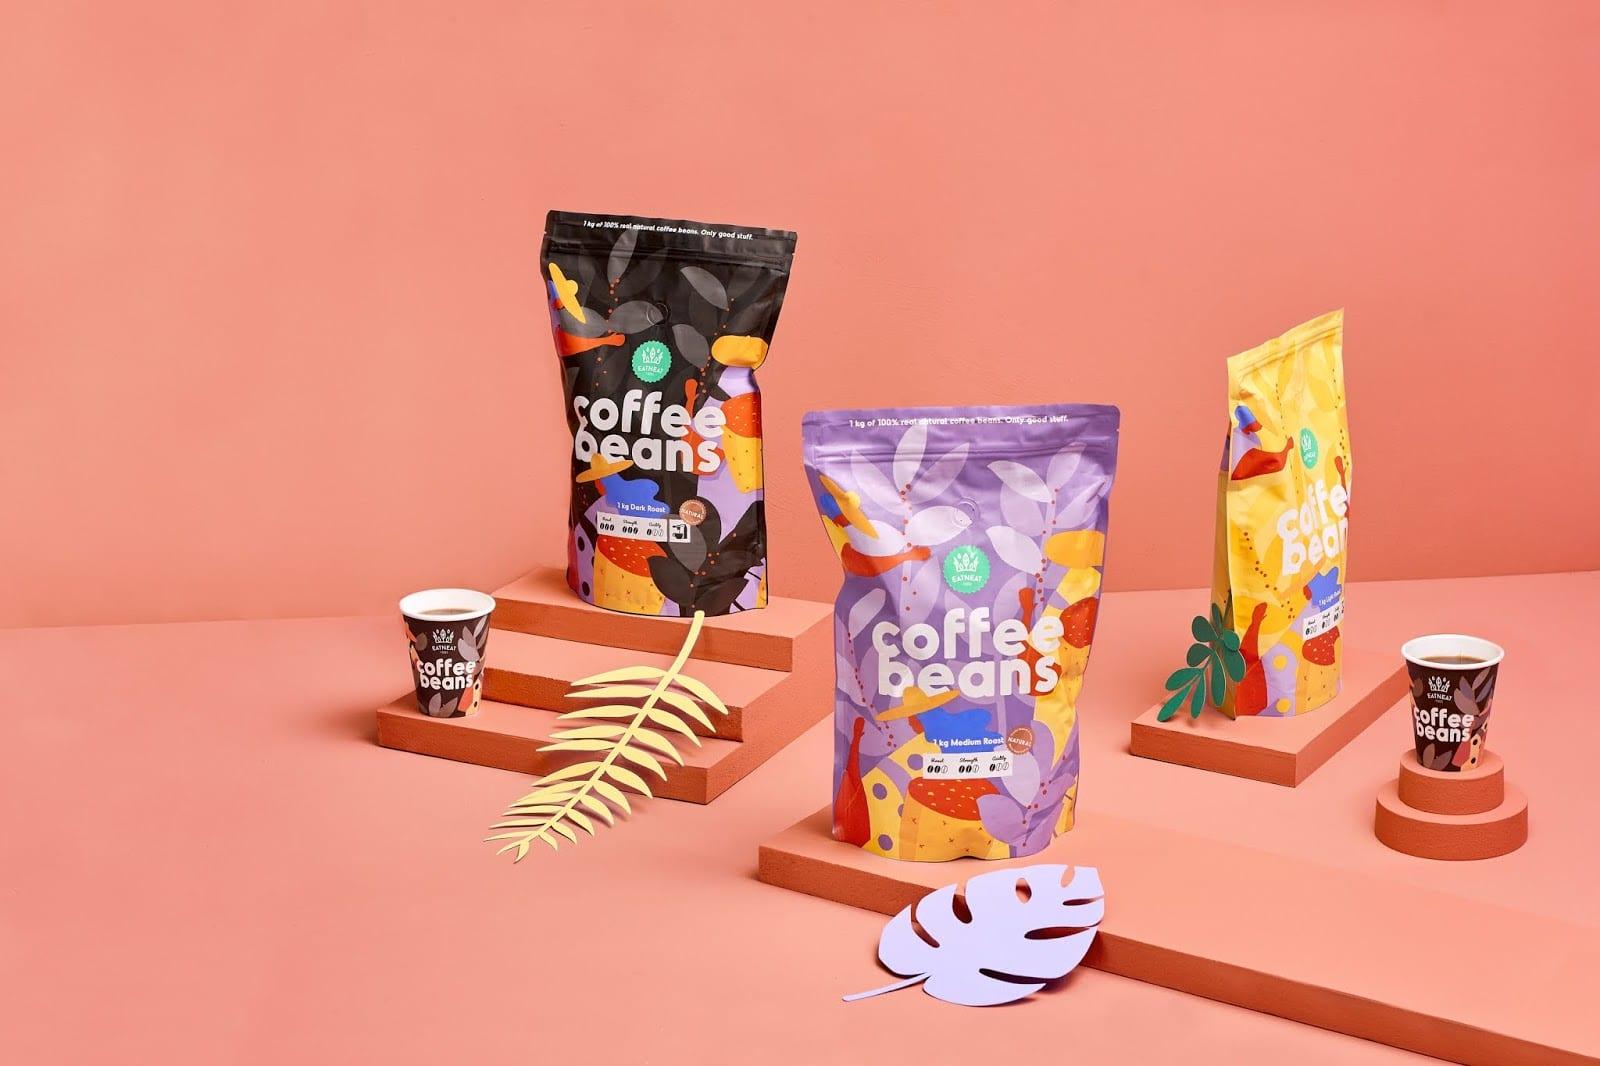 coffeebeans5 - Coffee Beans je nová značka kávy s hravým obalem